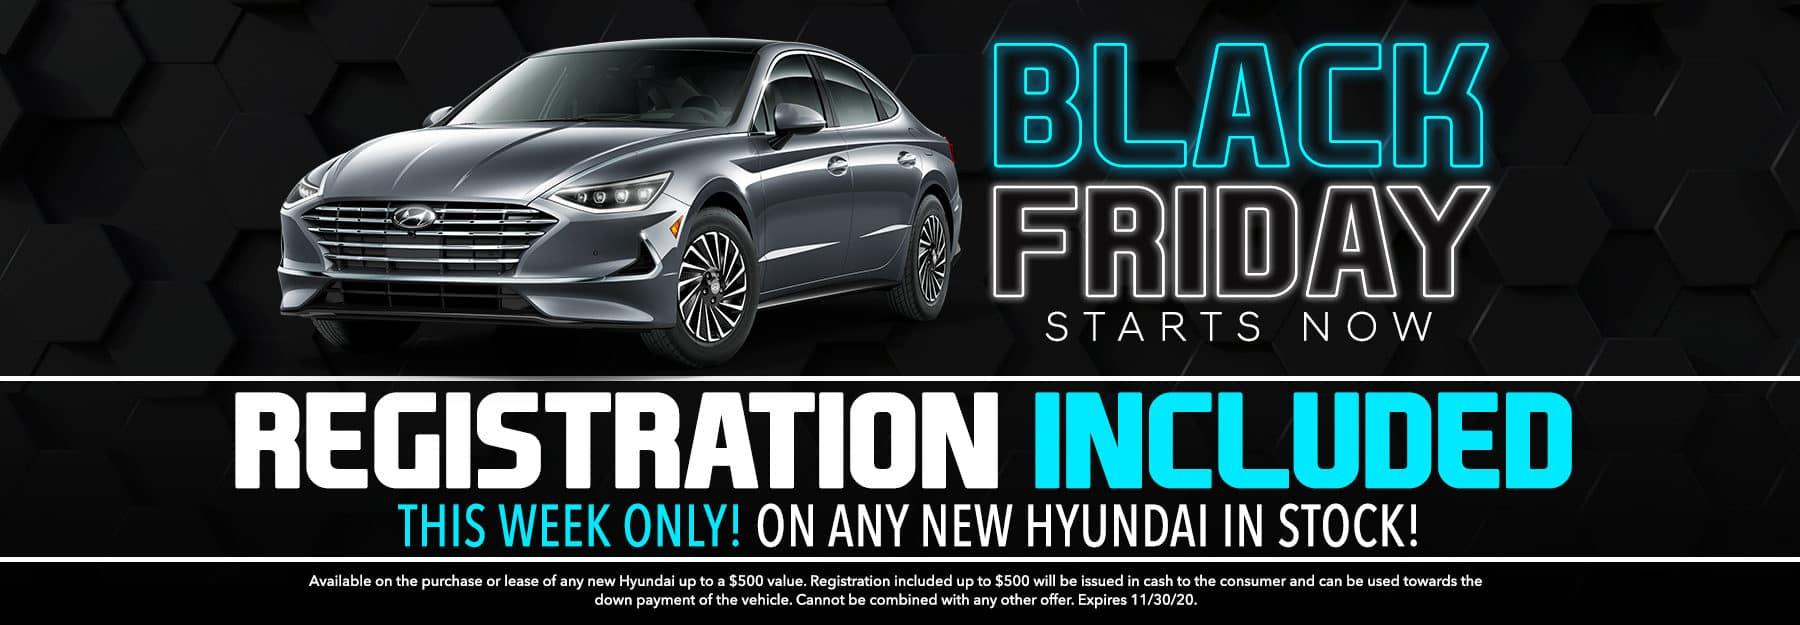 Registration-HLV-BlackFriday